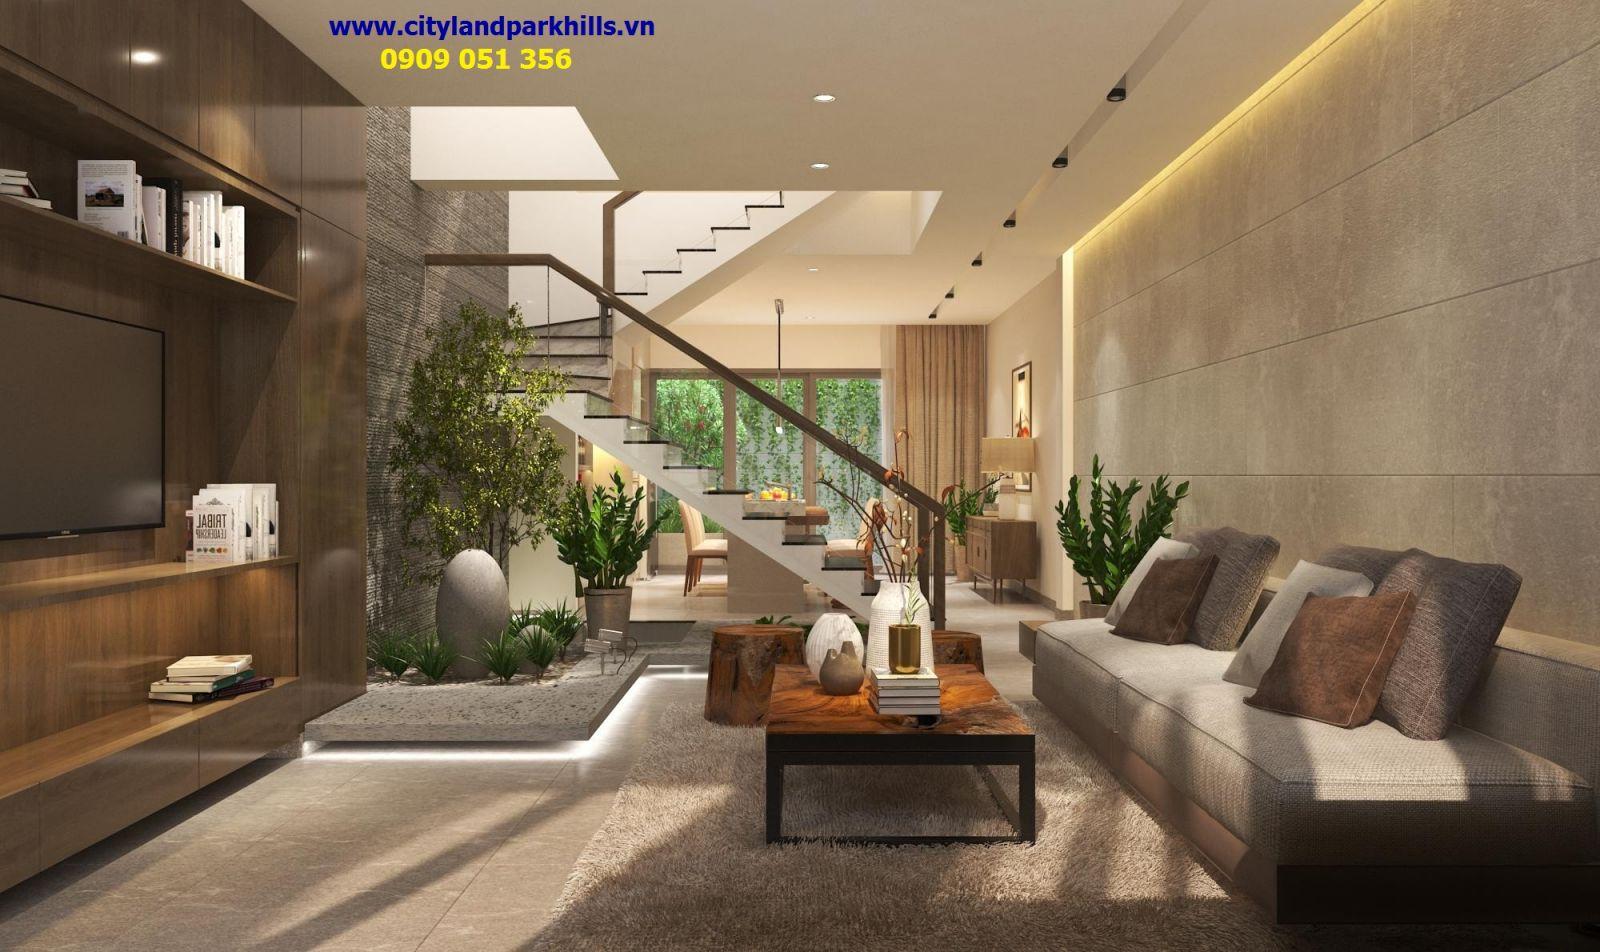 Thi công hoàn thiện nội thất nhà phố cityland